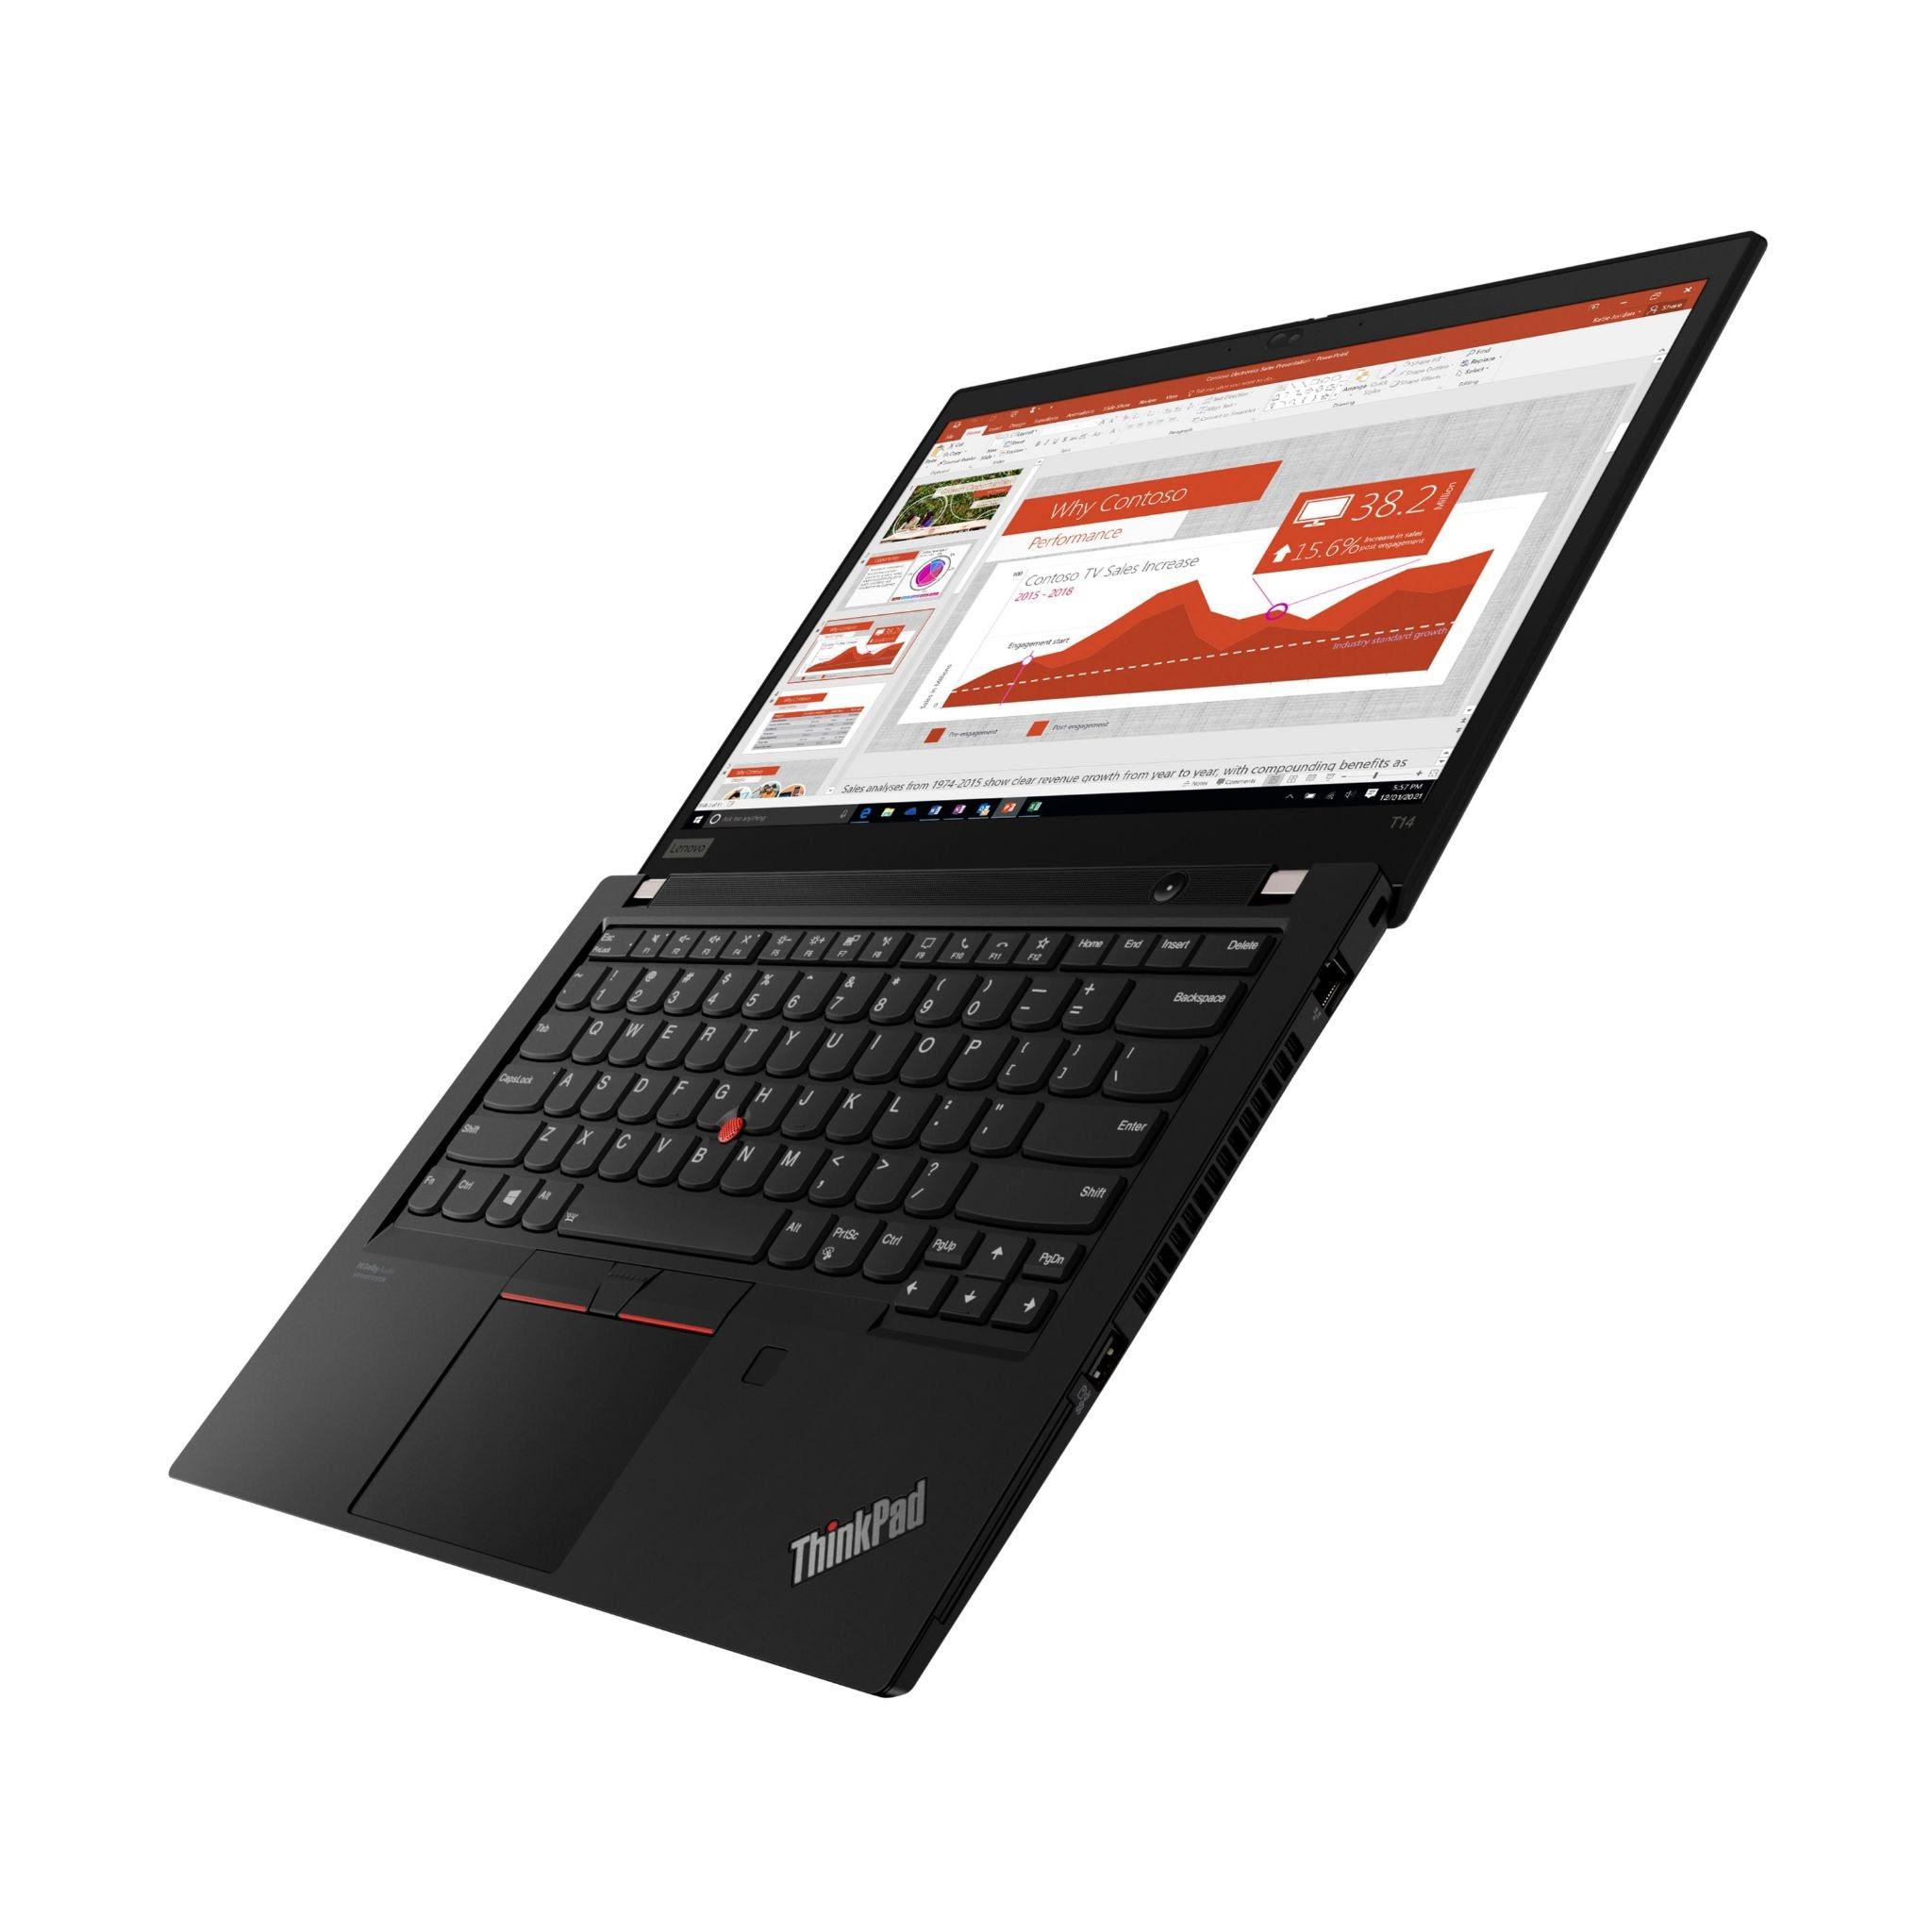 Фото 3. Ноутбук Lenovo ThinkPad T14 Gen 2 Intel (20W00058RT)